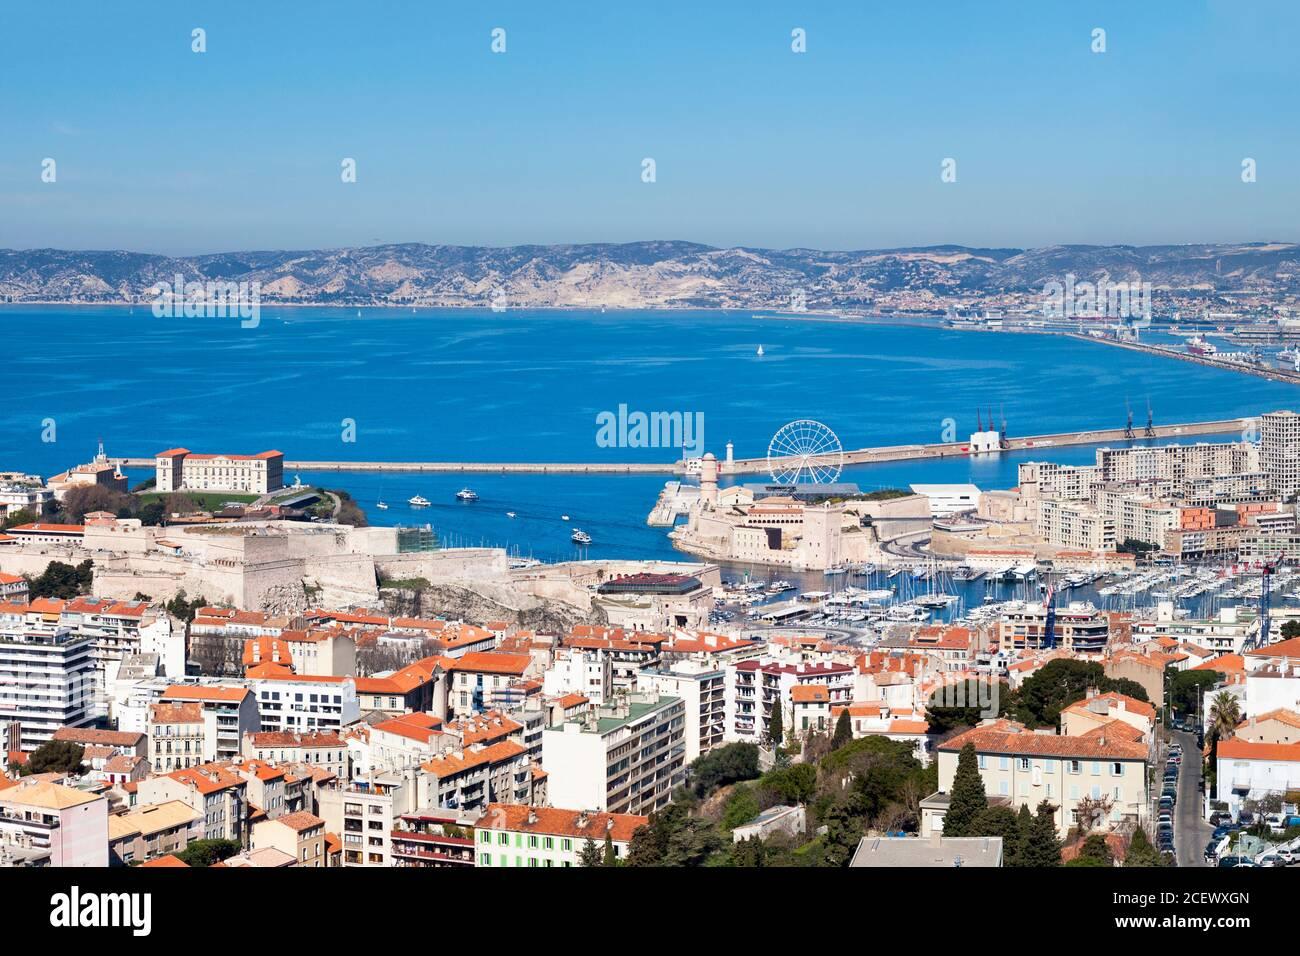 Vista aérea de Vieux Port de Marsella con el fuerte Saint-Jean, el Palacio Pharo y el fuerte Saint-Nicolas. Foto de stock